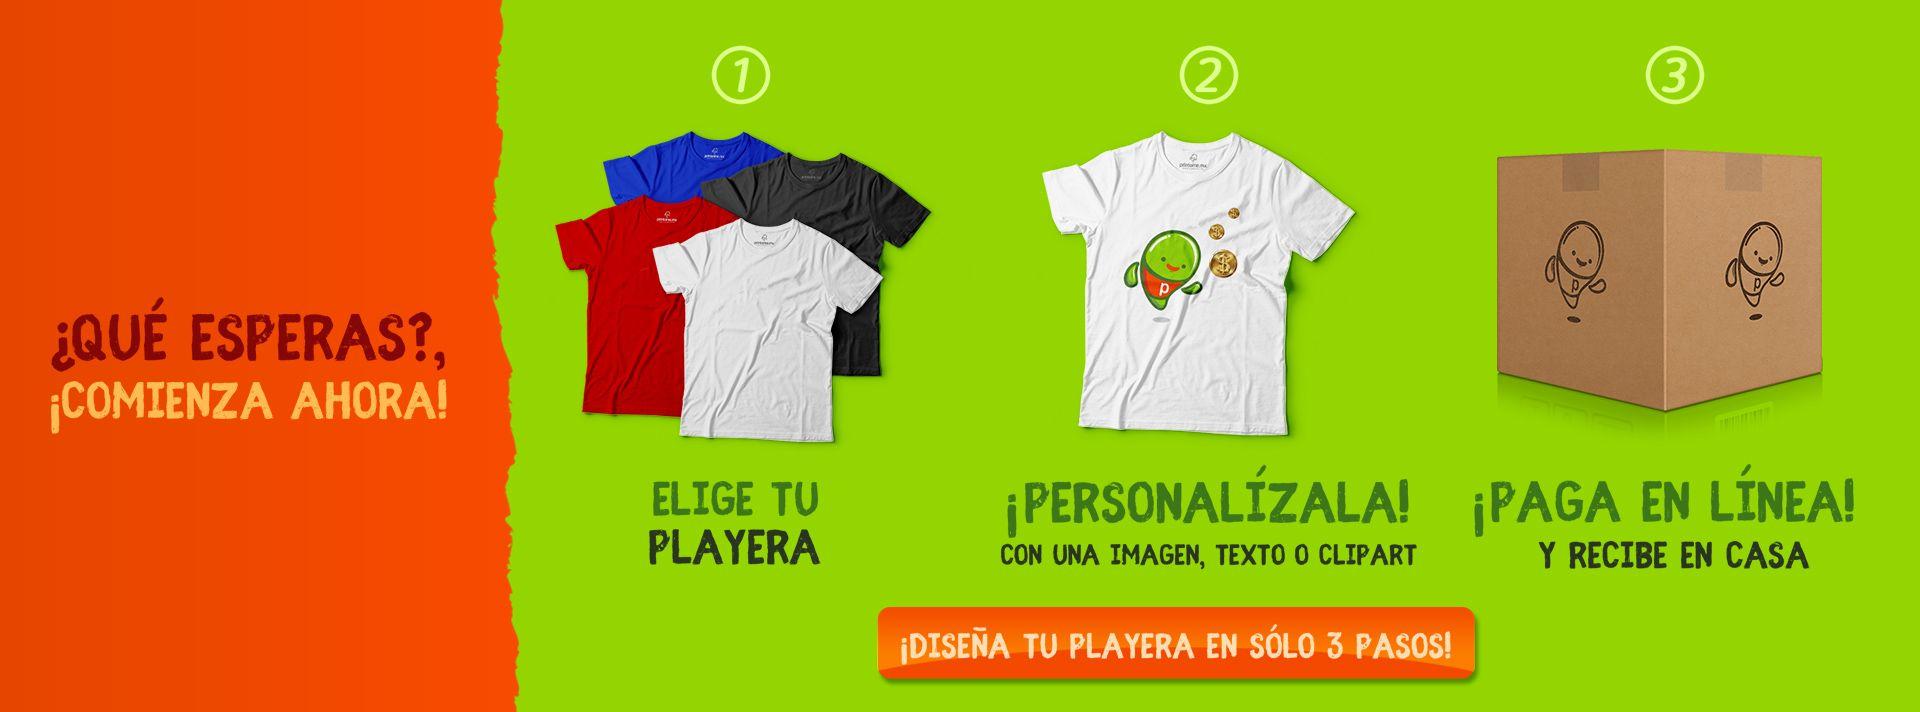 Diseñador de playeras en línea - Printome